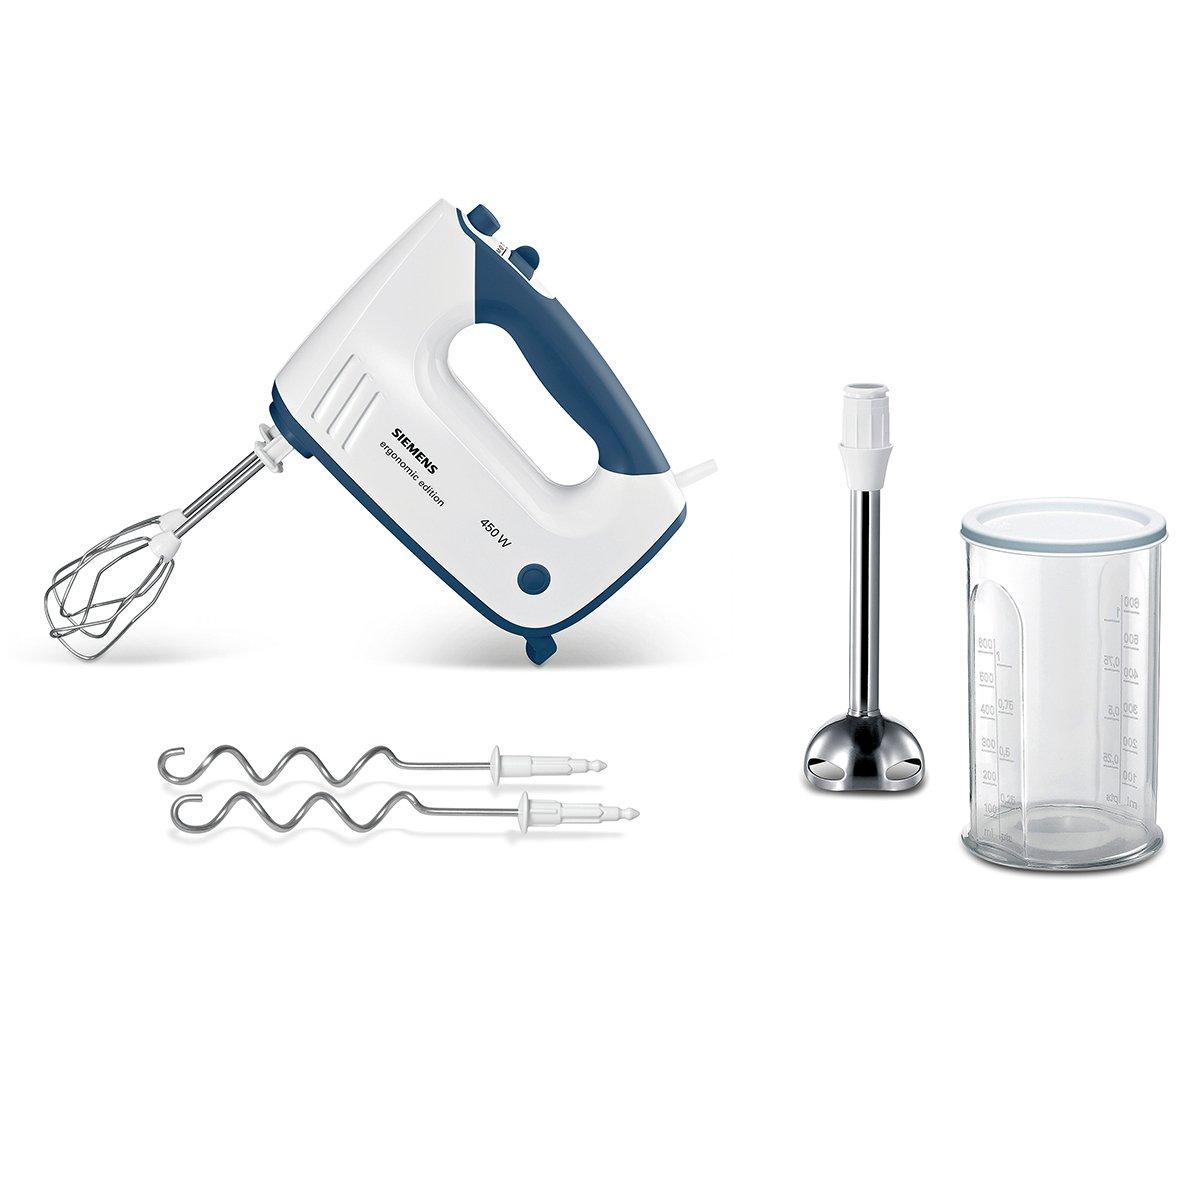 amazonde siemens mq96470 handrhrer ergonomic edition edelstahl mixfuss mixbecher 450 watt wei blau - Kcheninnovationen Perfekter Kuchenmixer